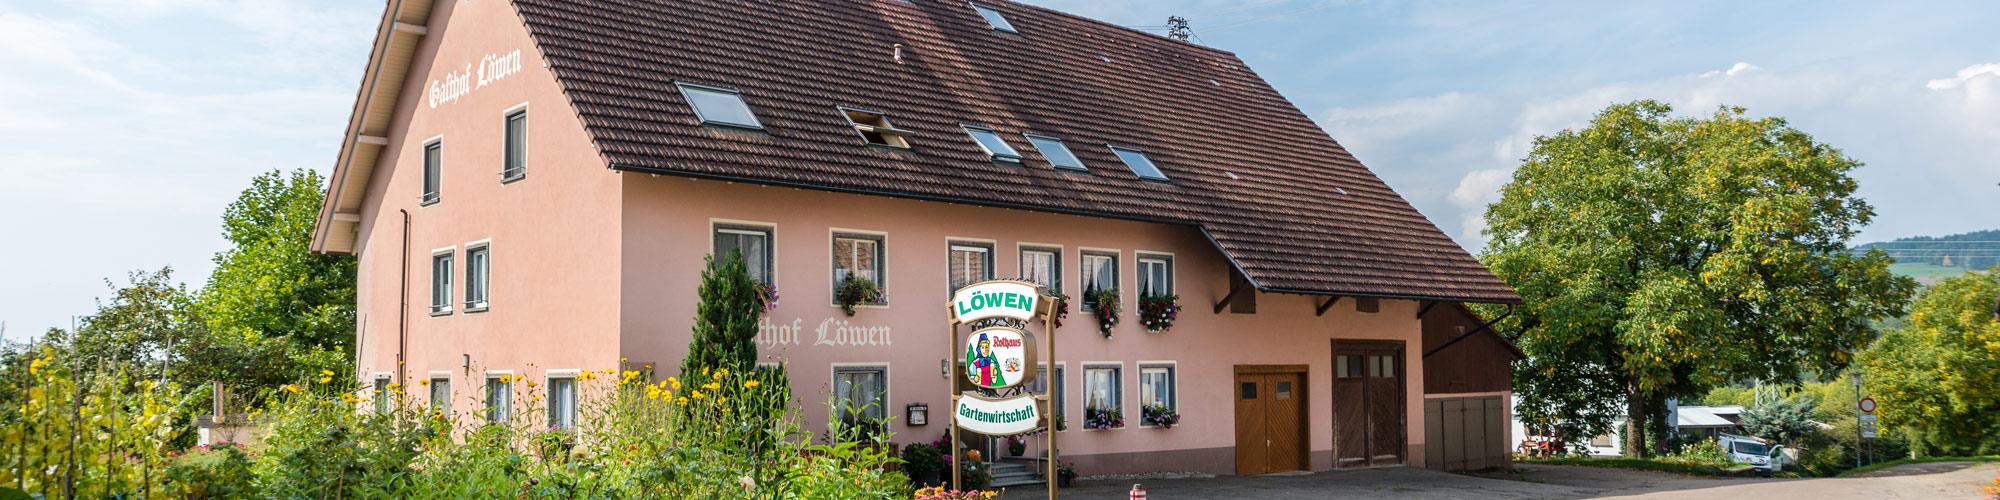 Landgasthof Löwen in Aichen